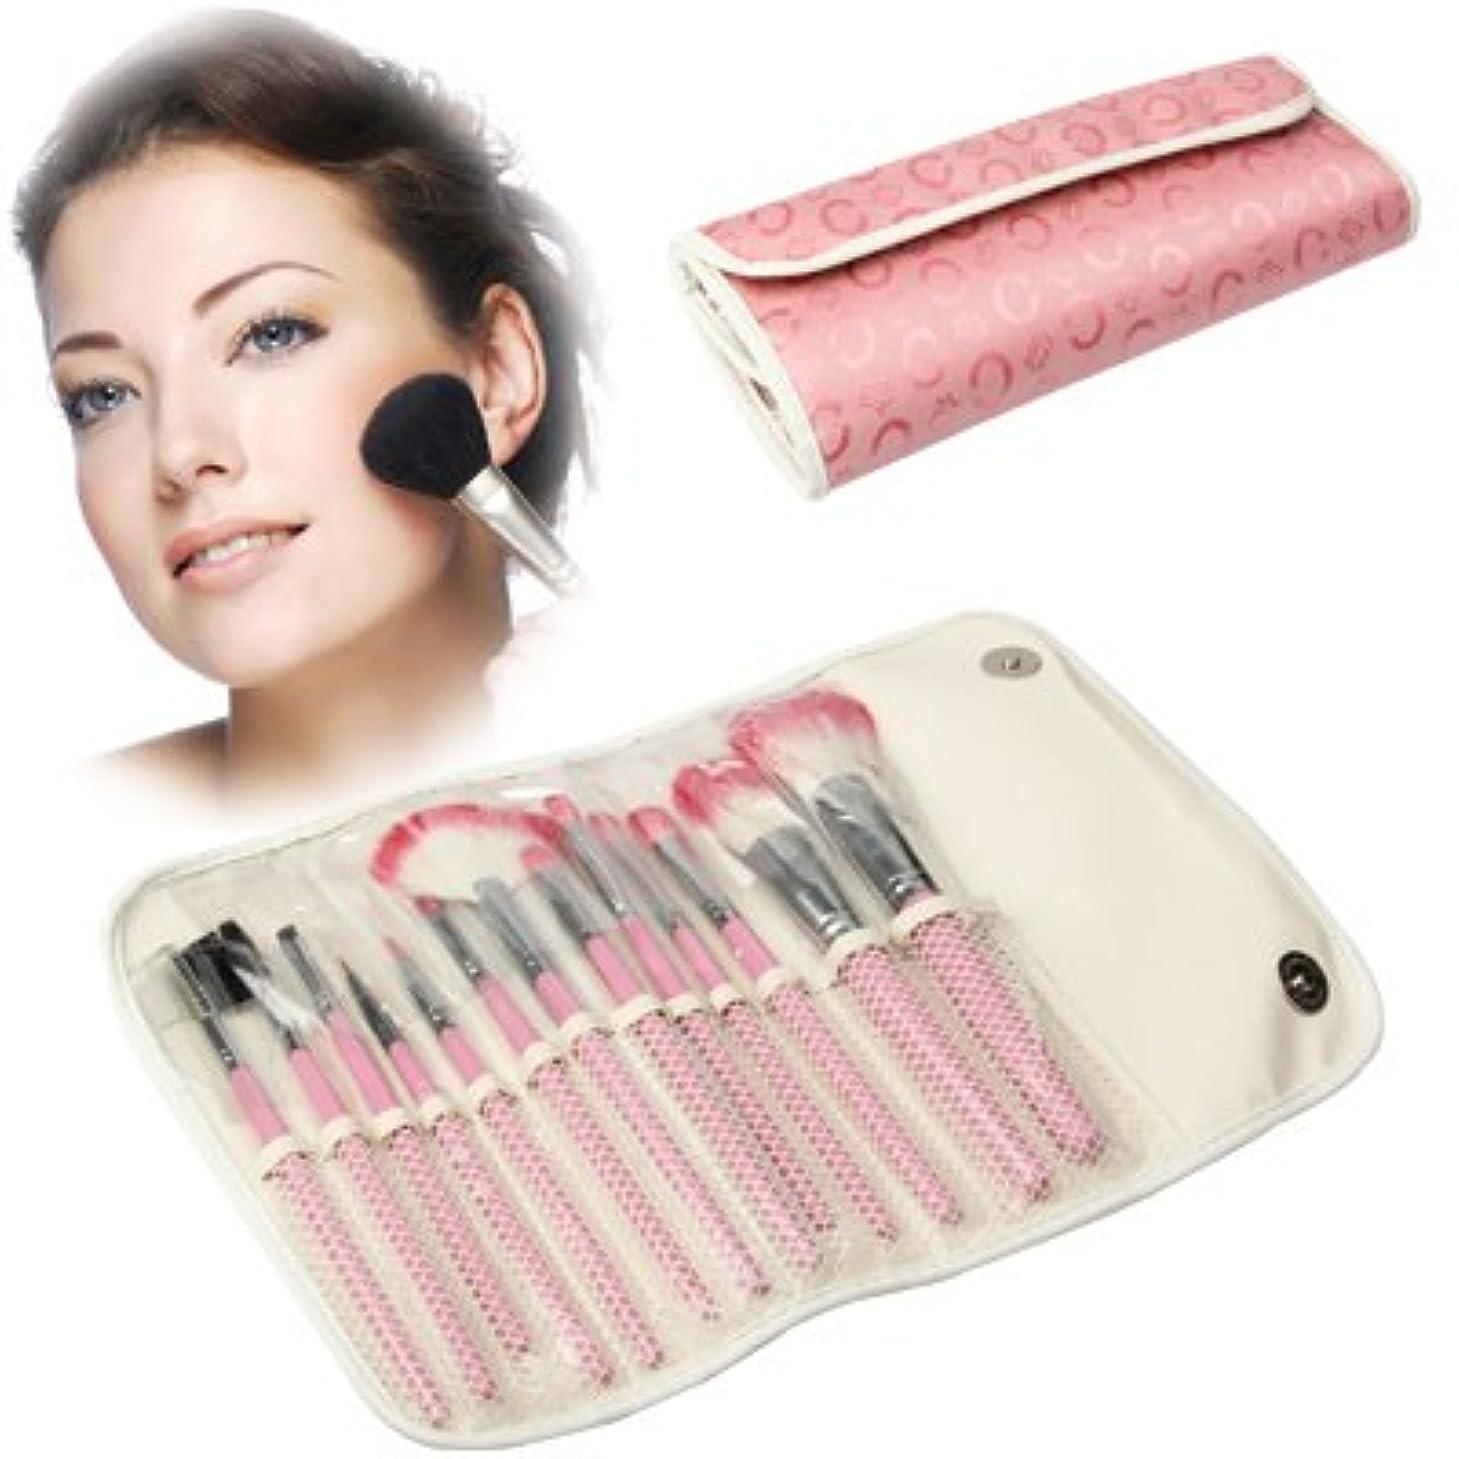 エジプト非難容器MEI1JIA 13pcsブラシキットセットフェイシャルケアアイテムとQUELLIA折り畳み式の合成皮革化粧ブラシケースバッグ(ピンク)